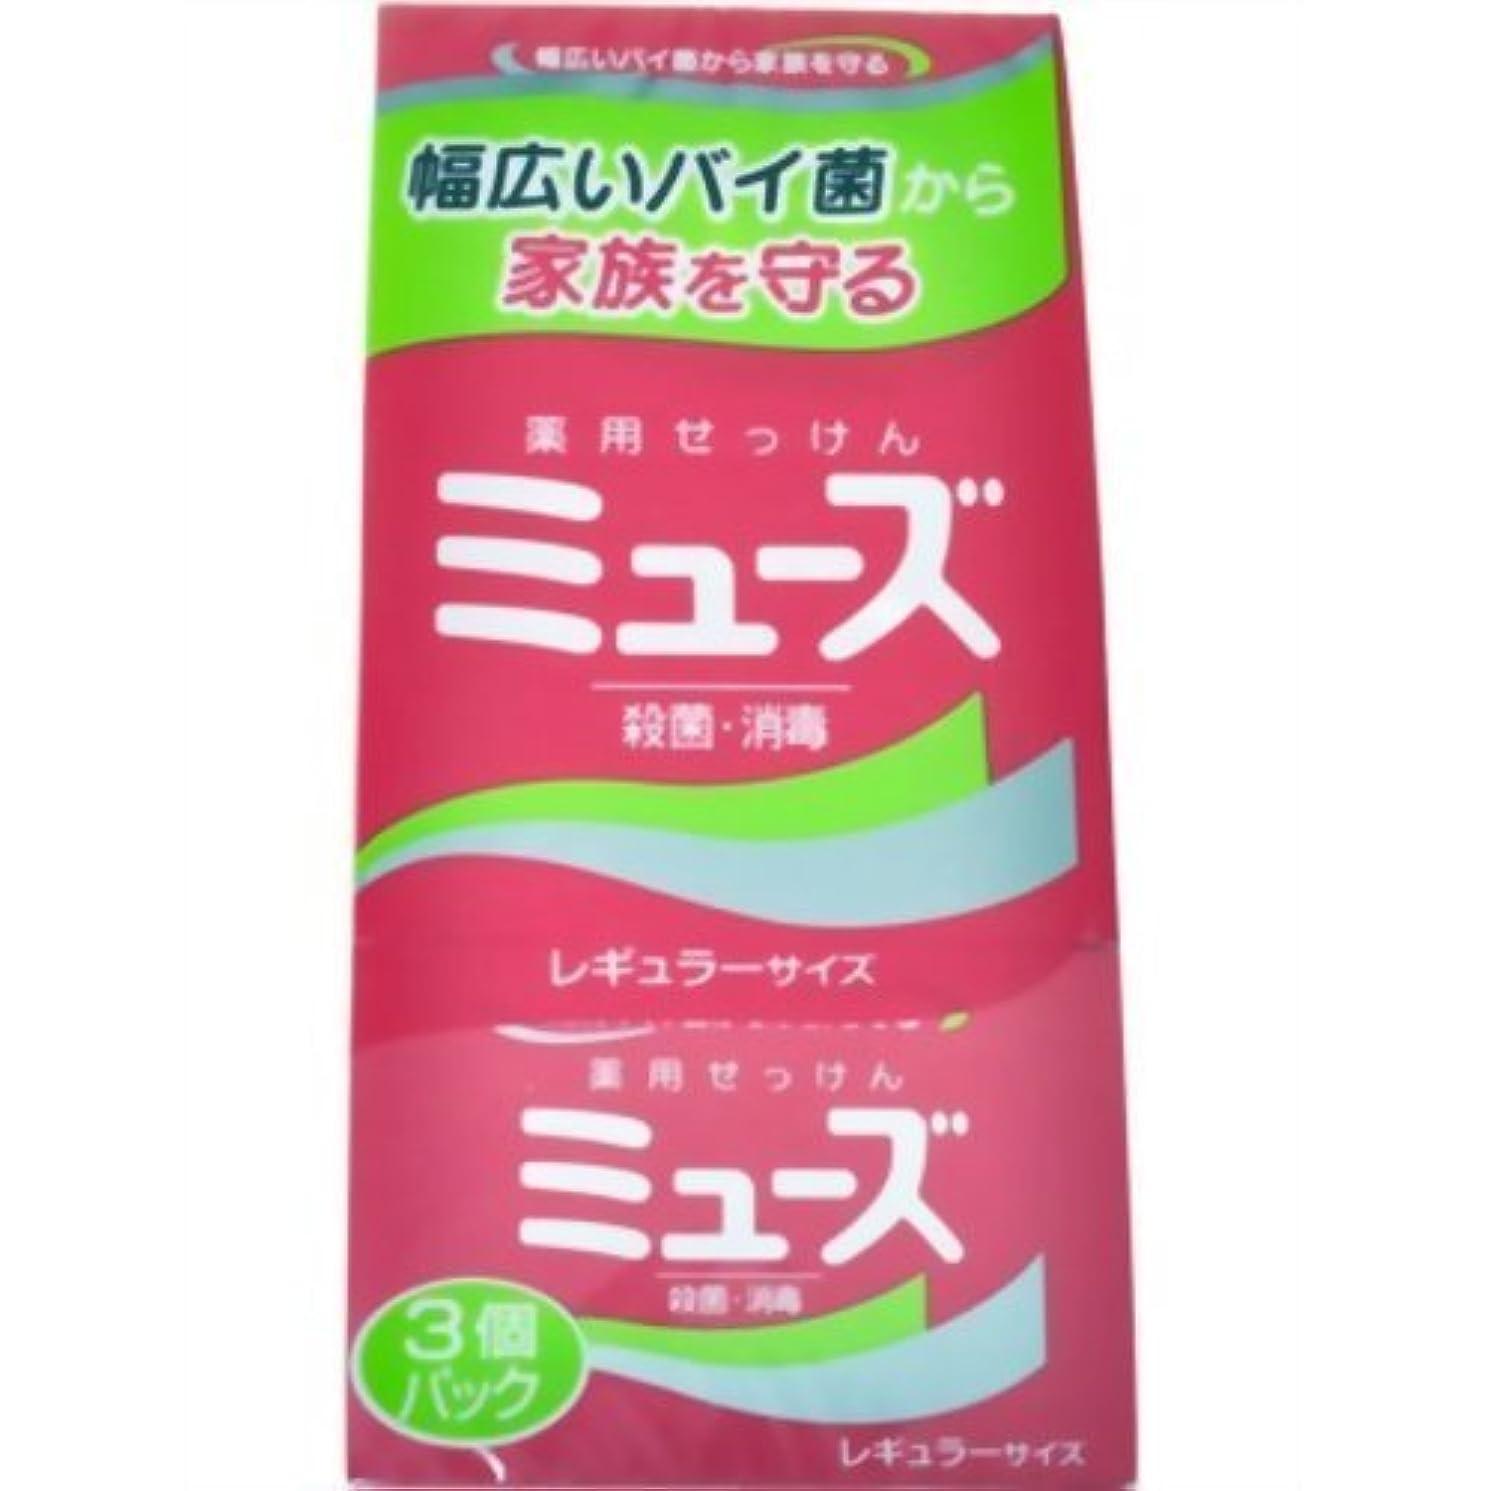 破滅的なバンジョー当社ミューズ石鹸 レギュラー 3P ×6個セット